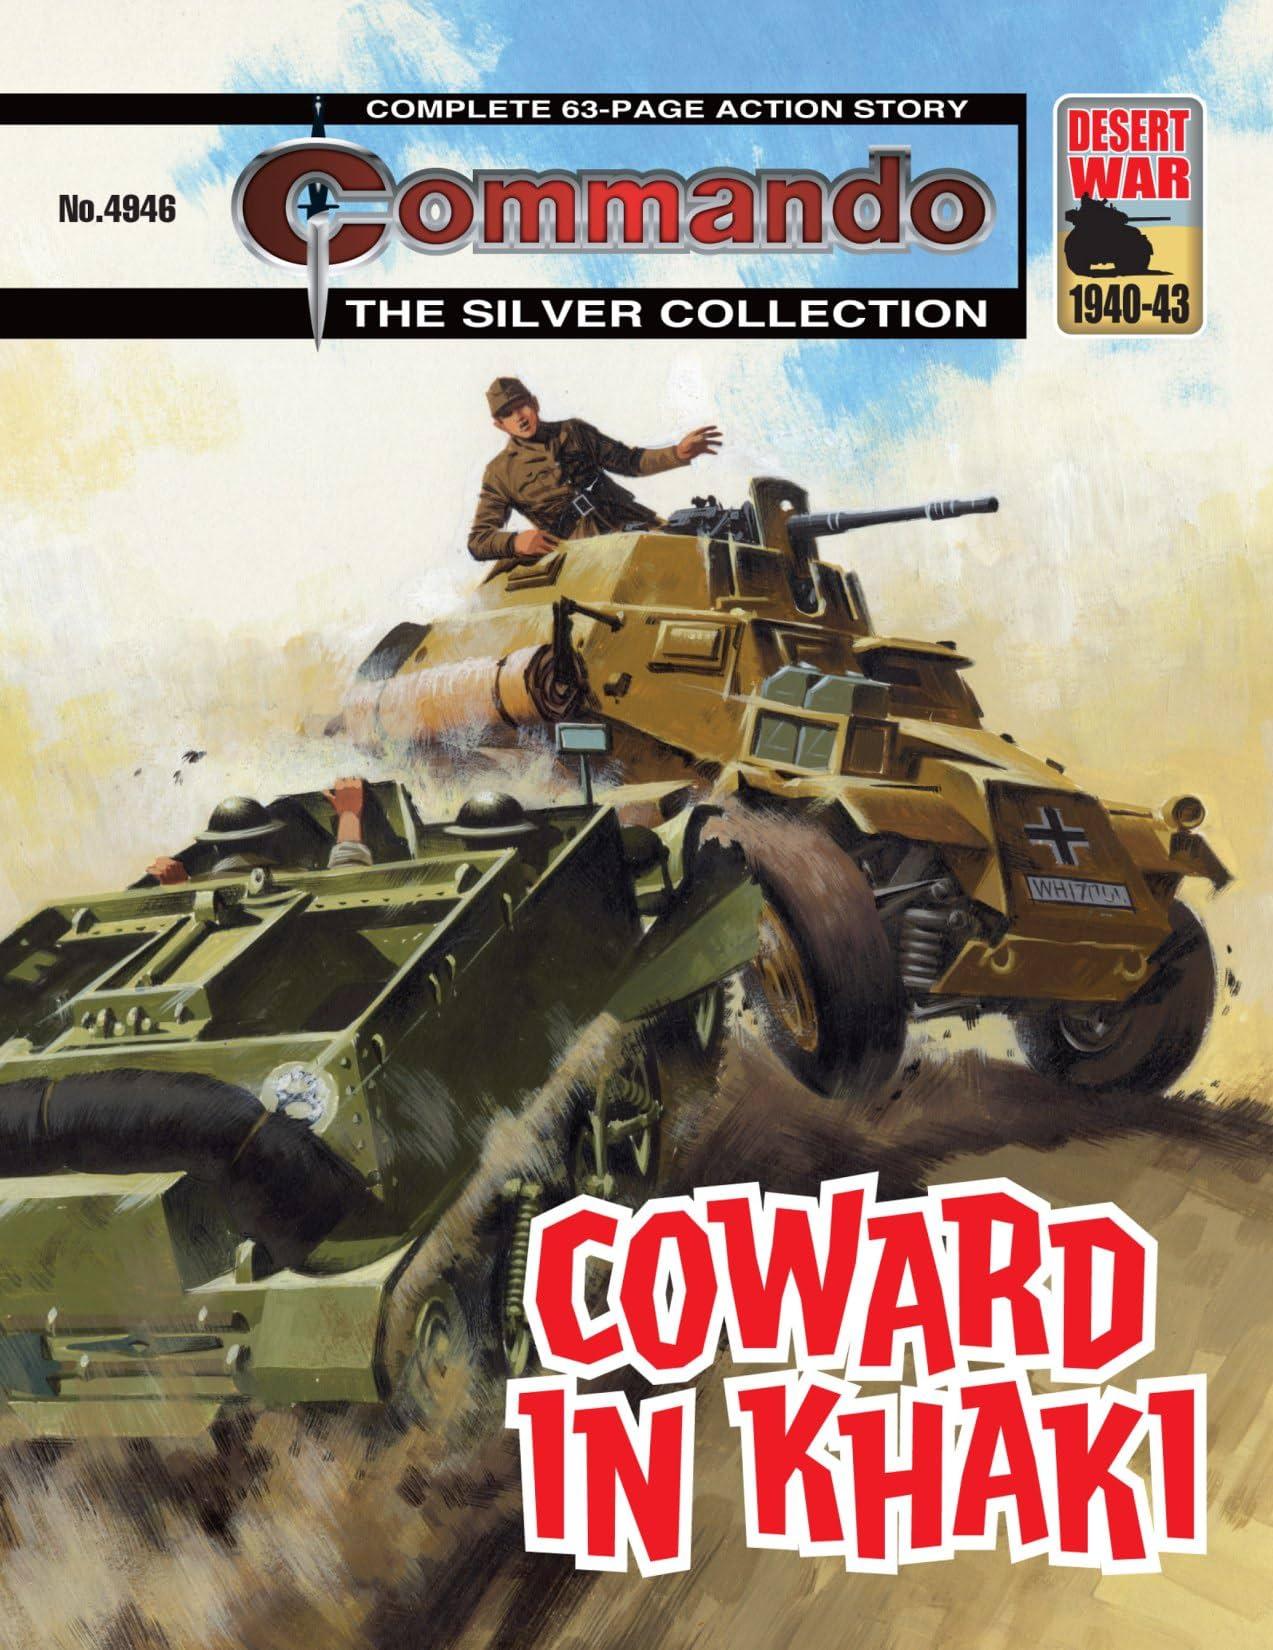 Commando #4946: Coward In Khaki